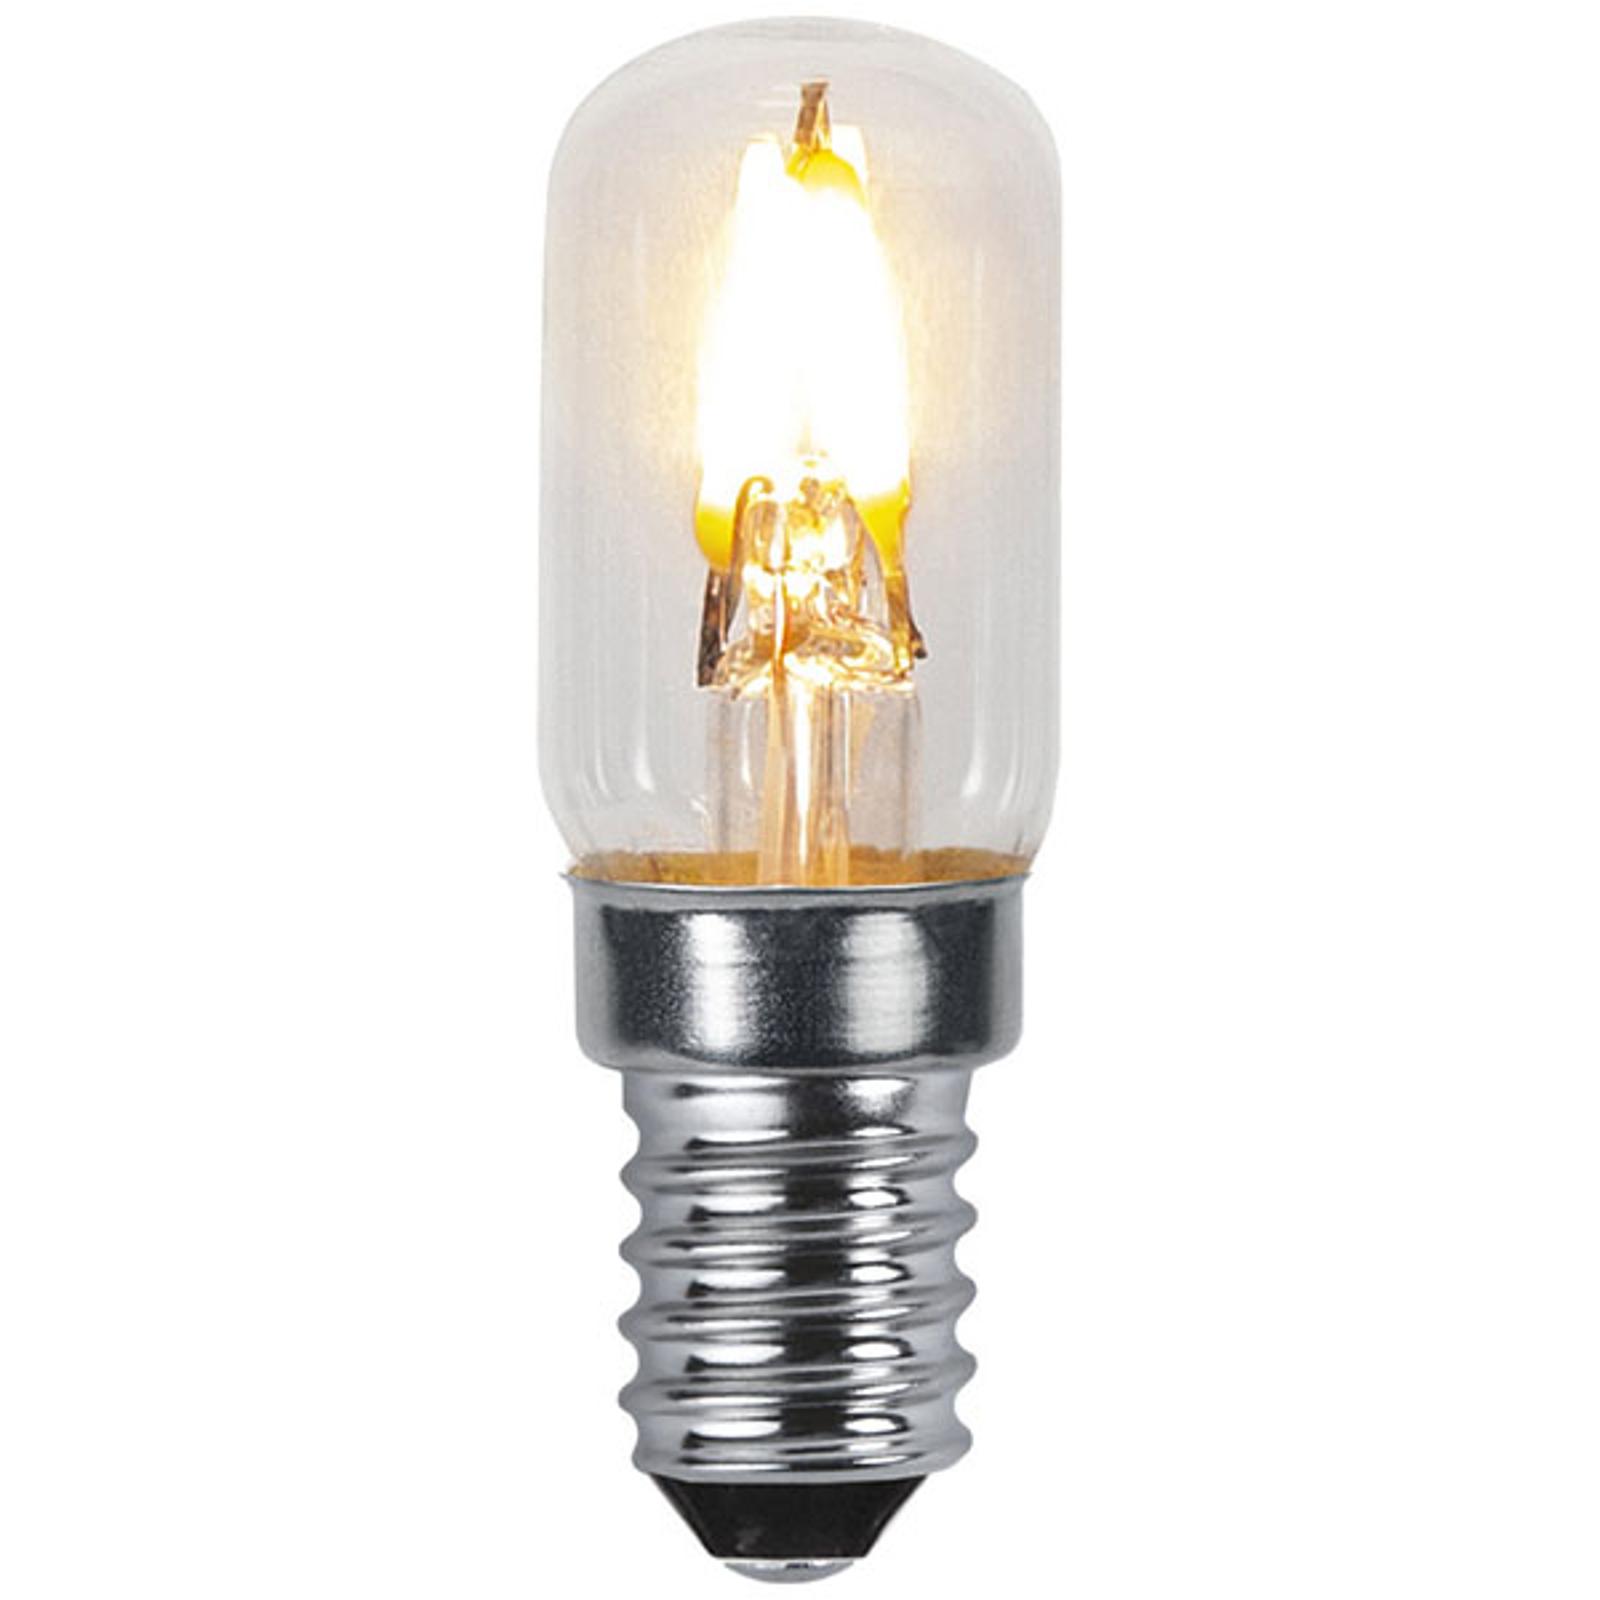 LED-Lampe E14 T16 0,3W 30lm Soft Glow 2.100K